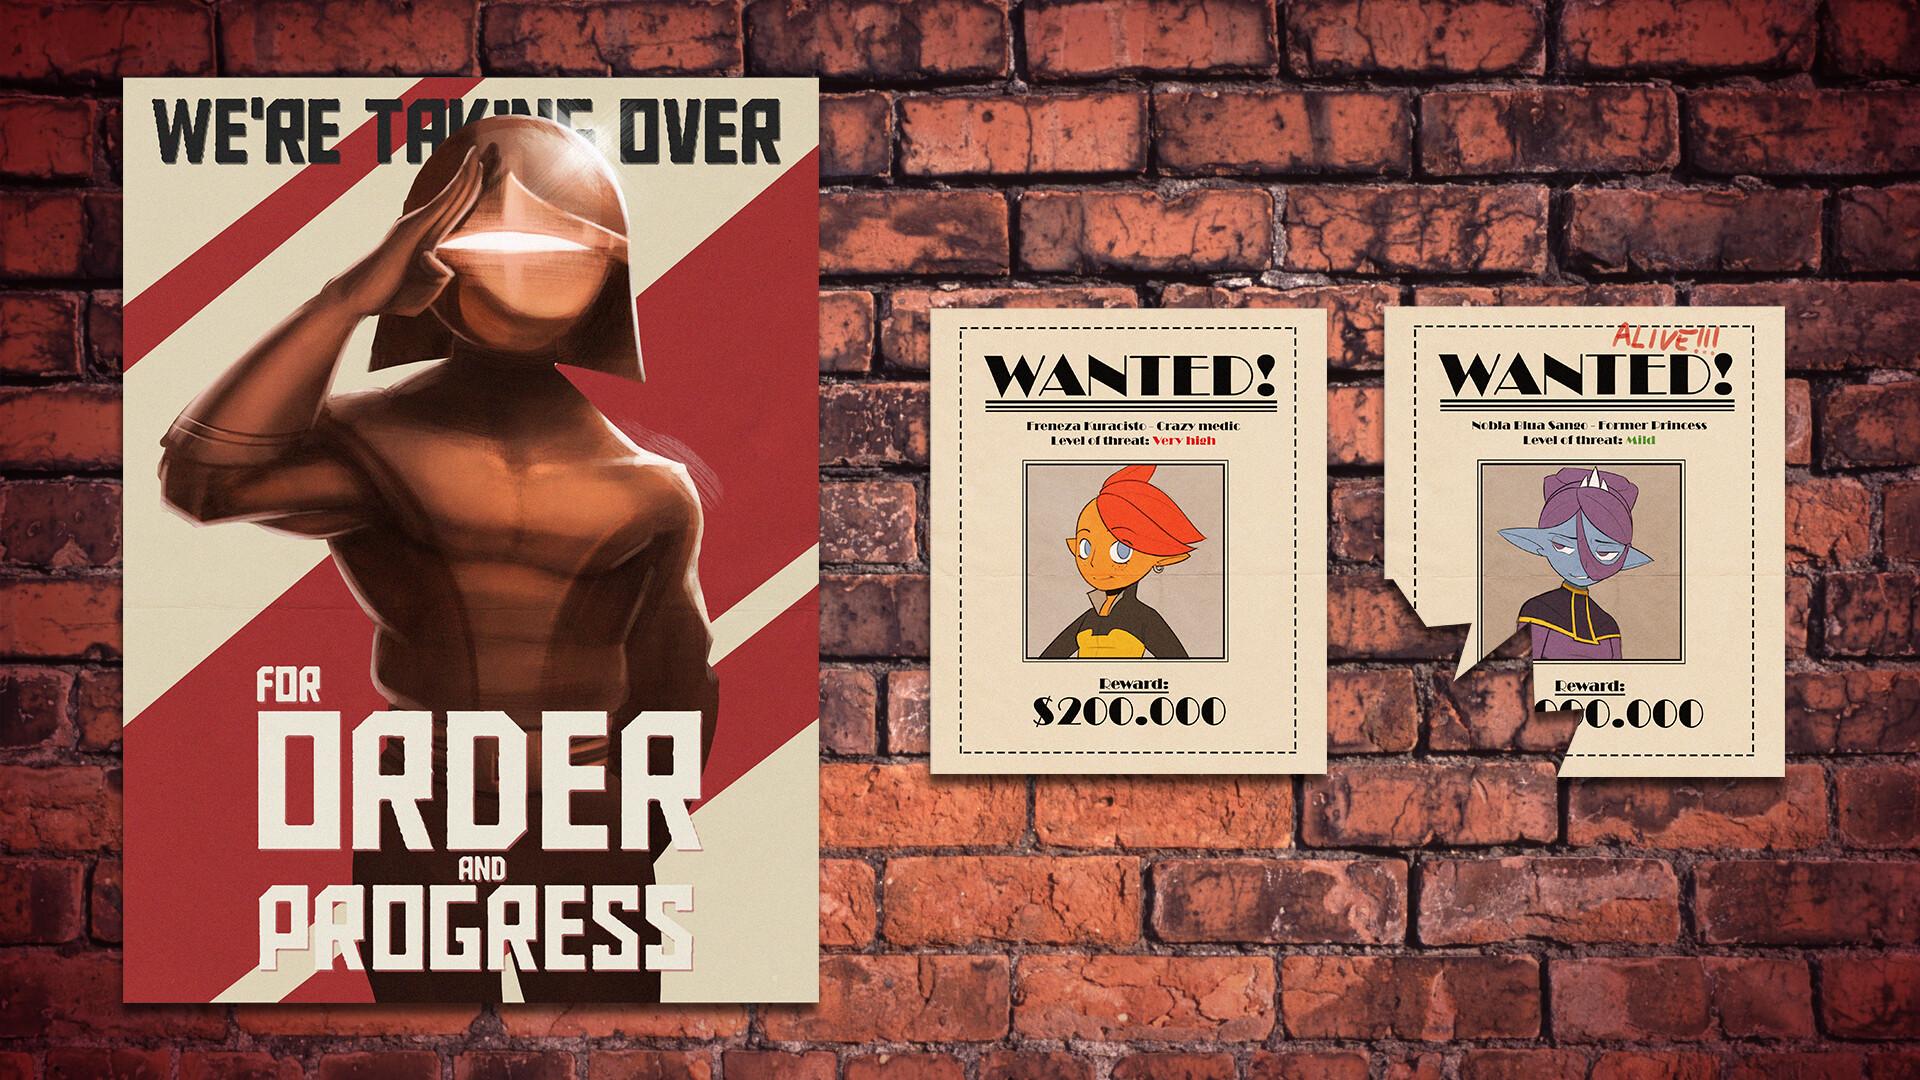 Matheus freitas posters